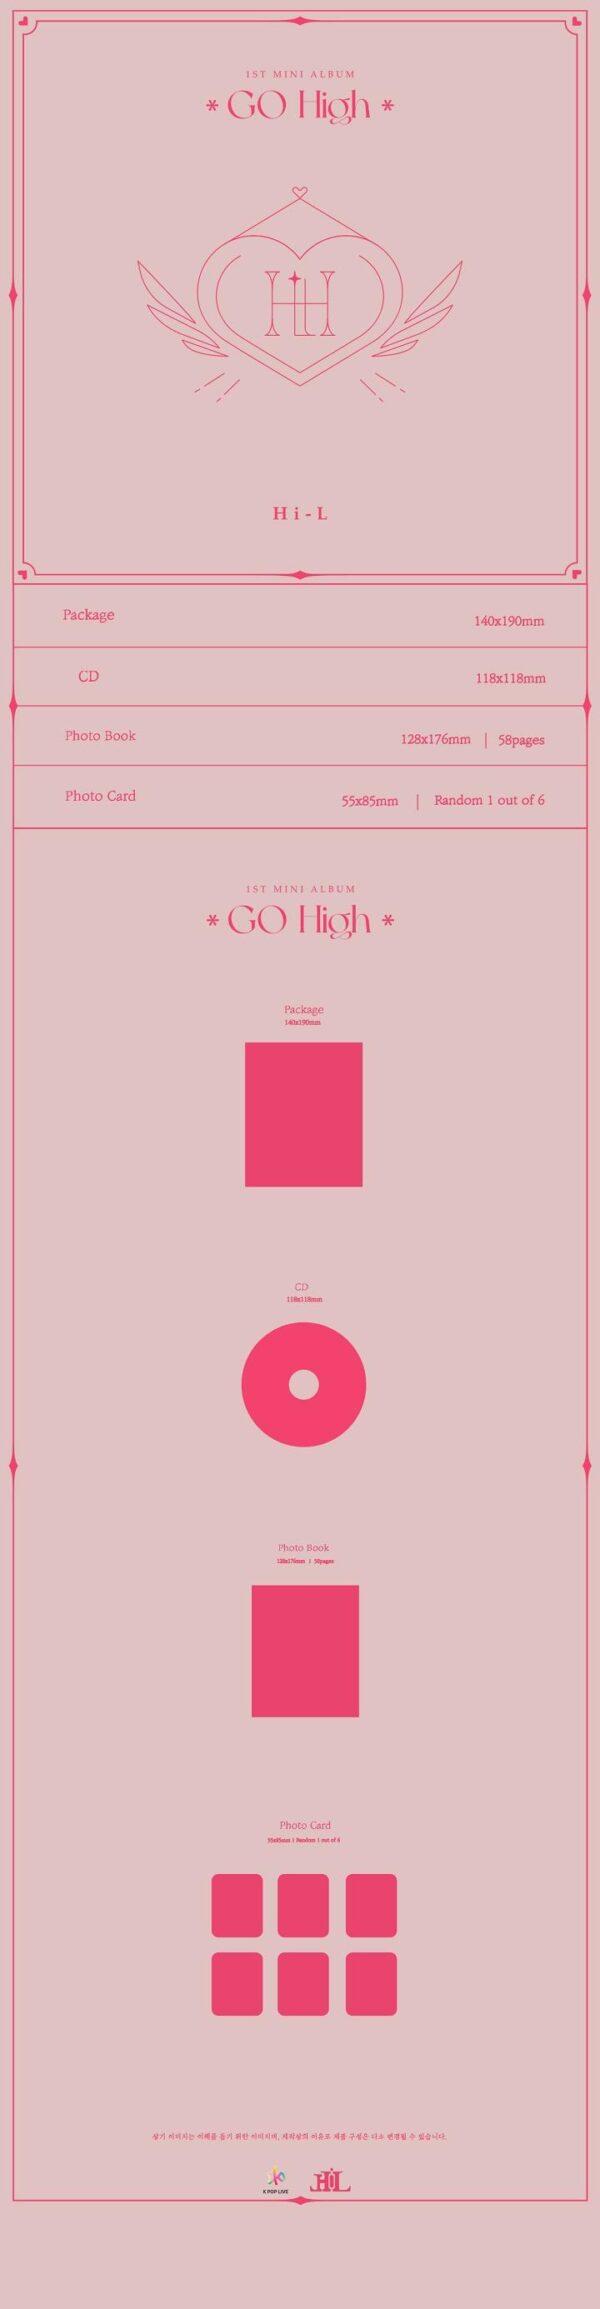 1st Mini Album de Hi L Go High 1